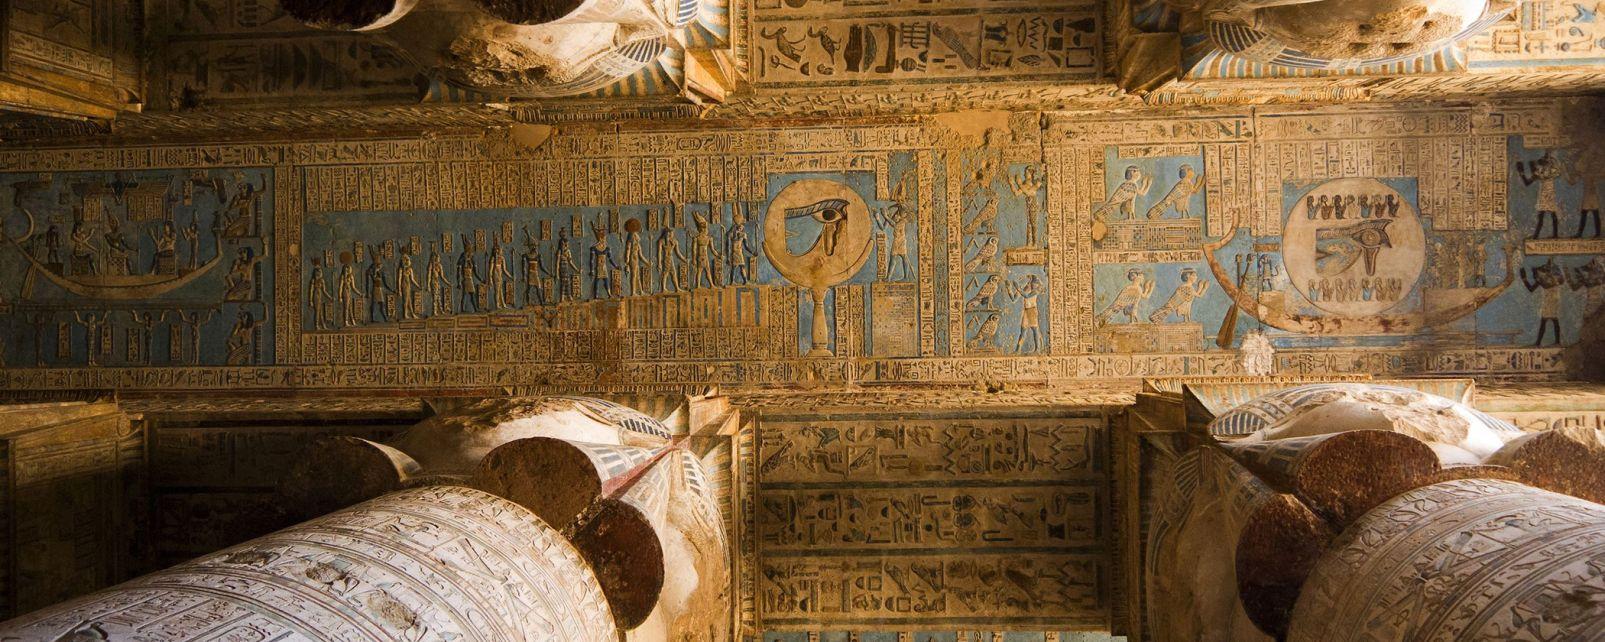 Les sites, denderah, nil, egypte, hathor, moyen-orient, afrique